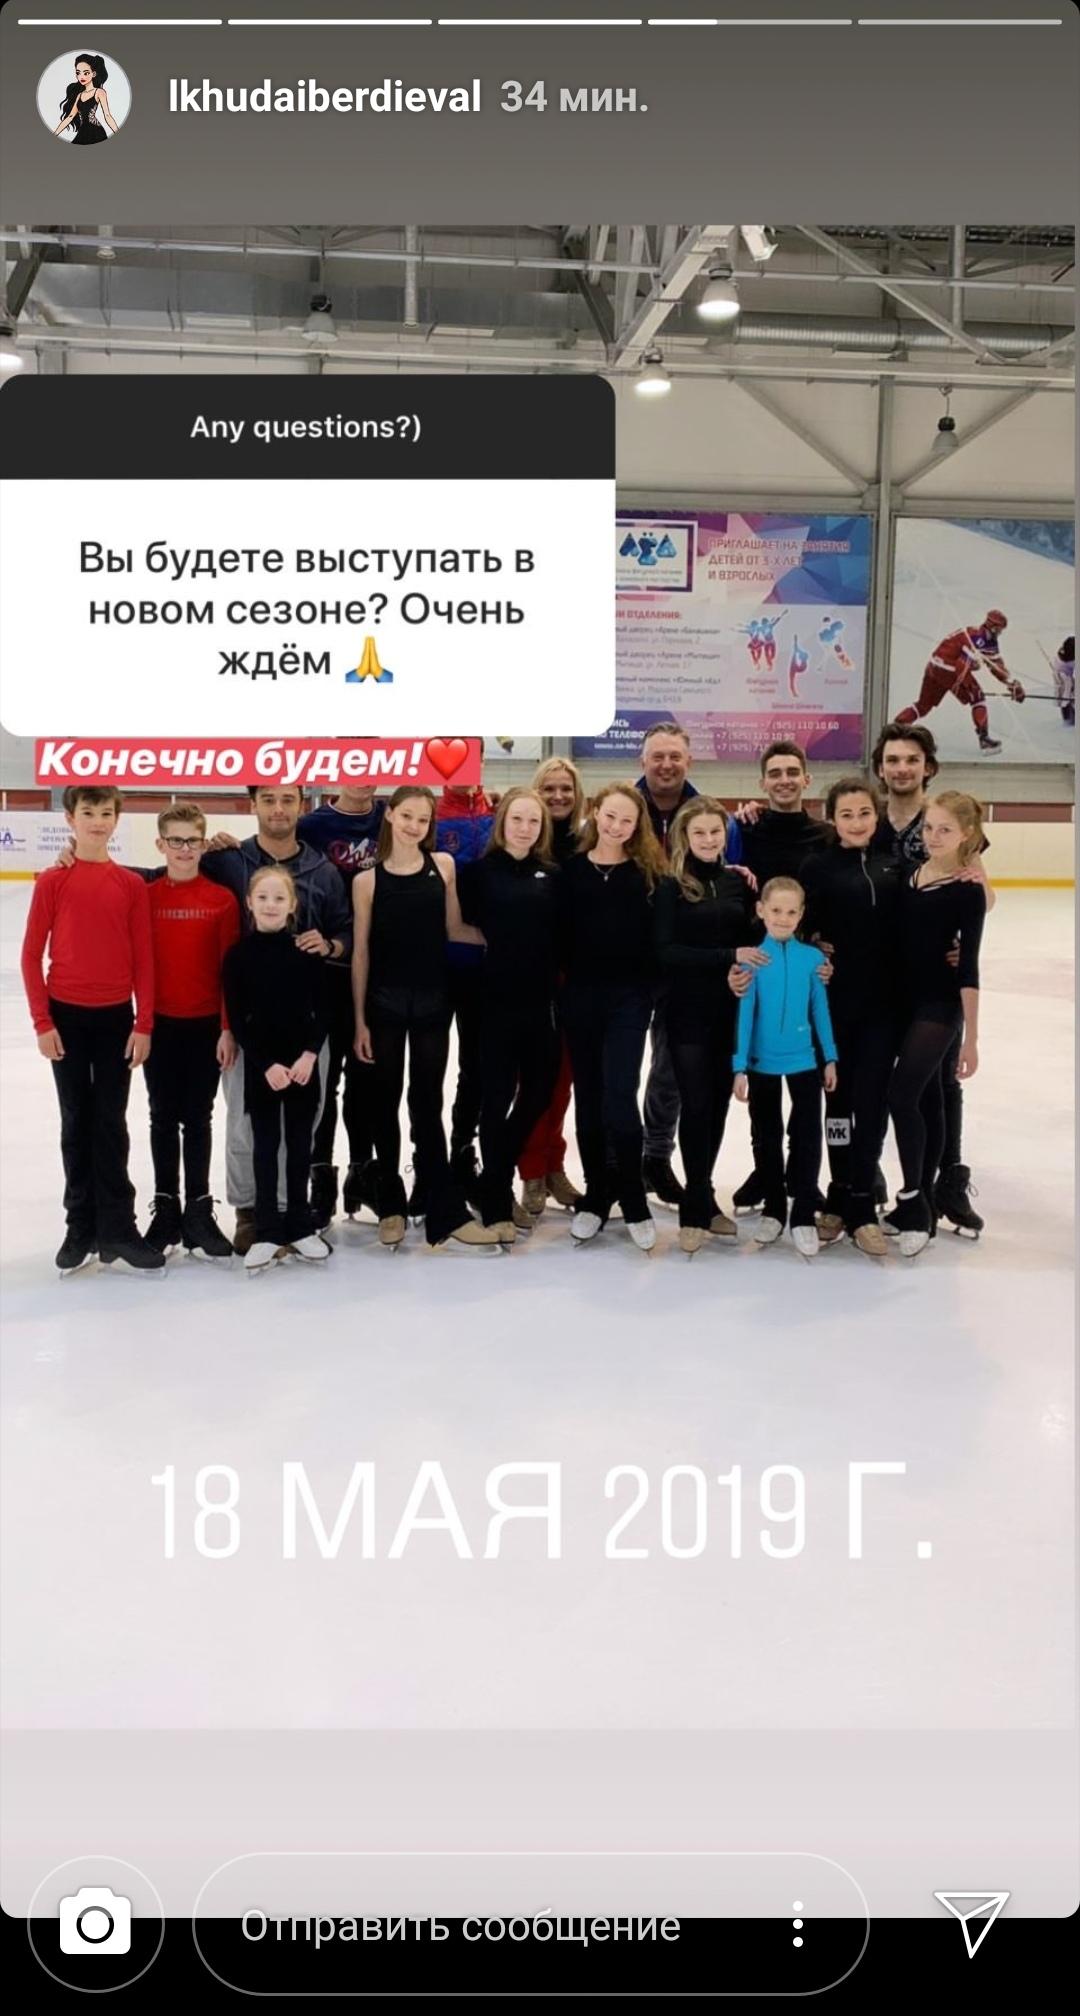 https://i3.imageban.ru/out/2019/06/06/112fee97118a22512aae751145796da9.jpg